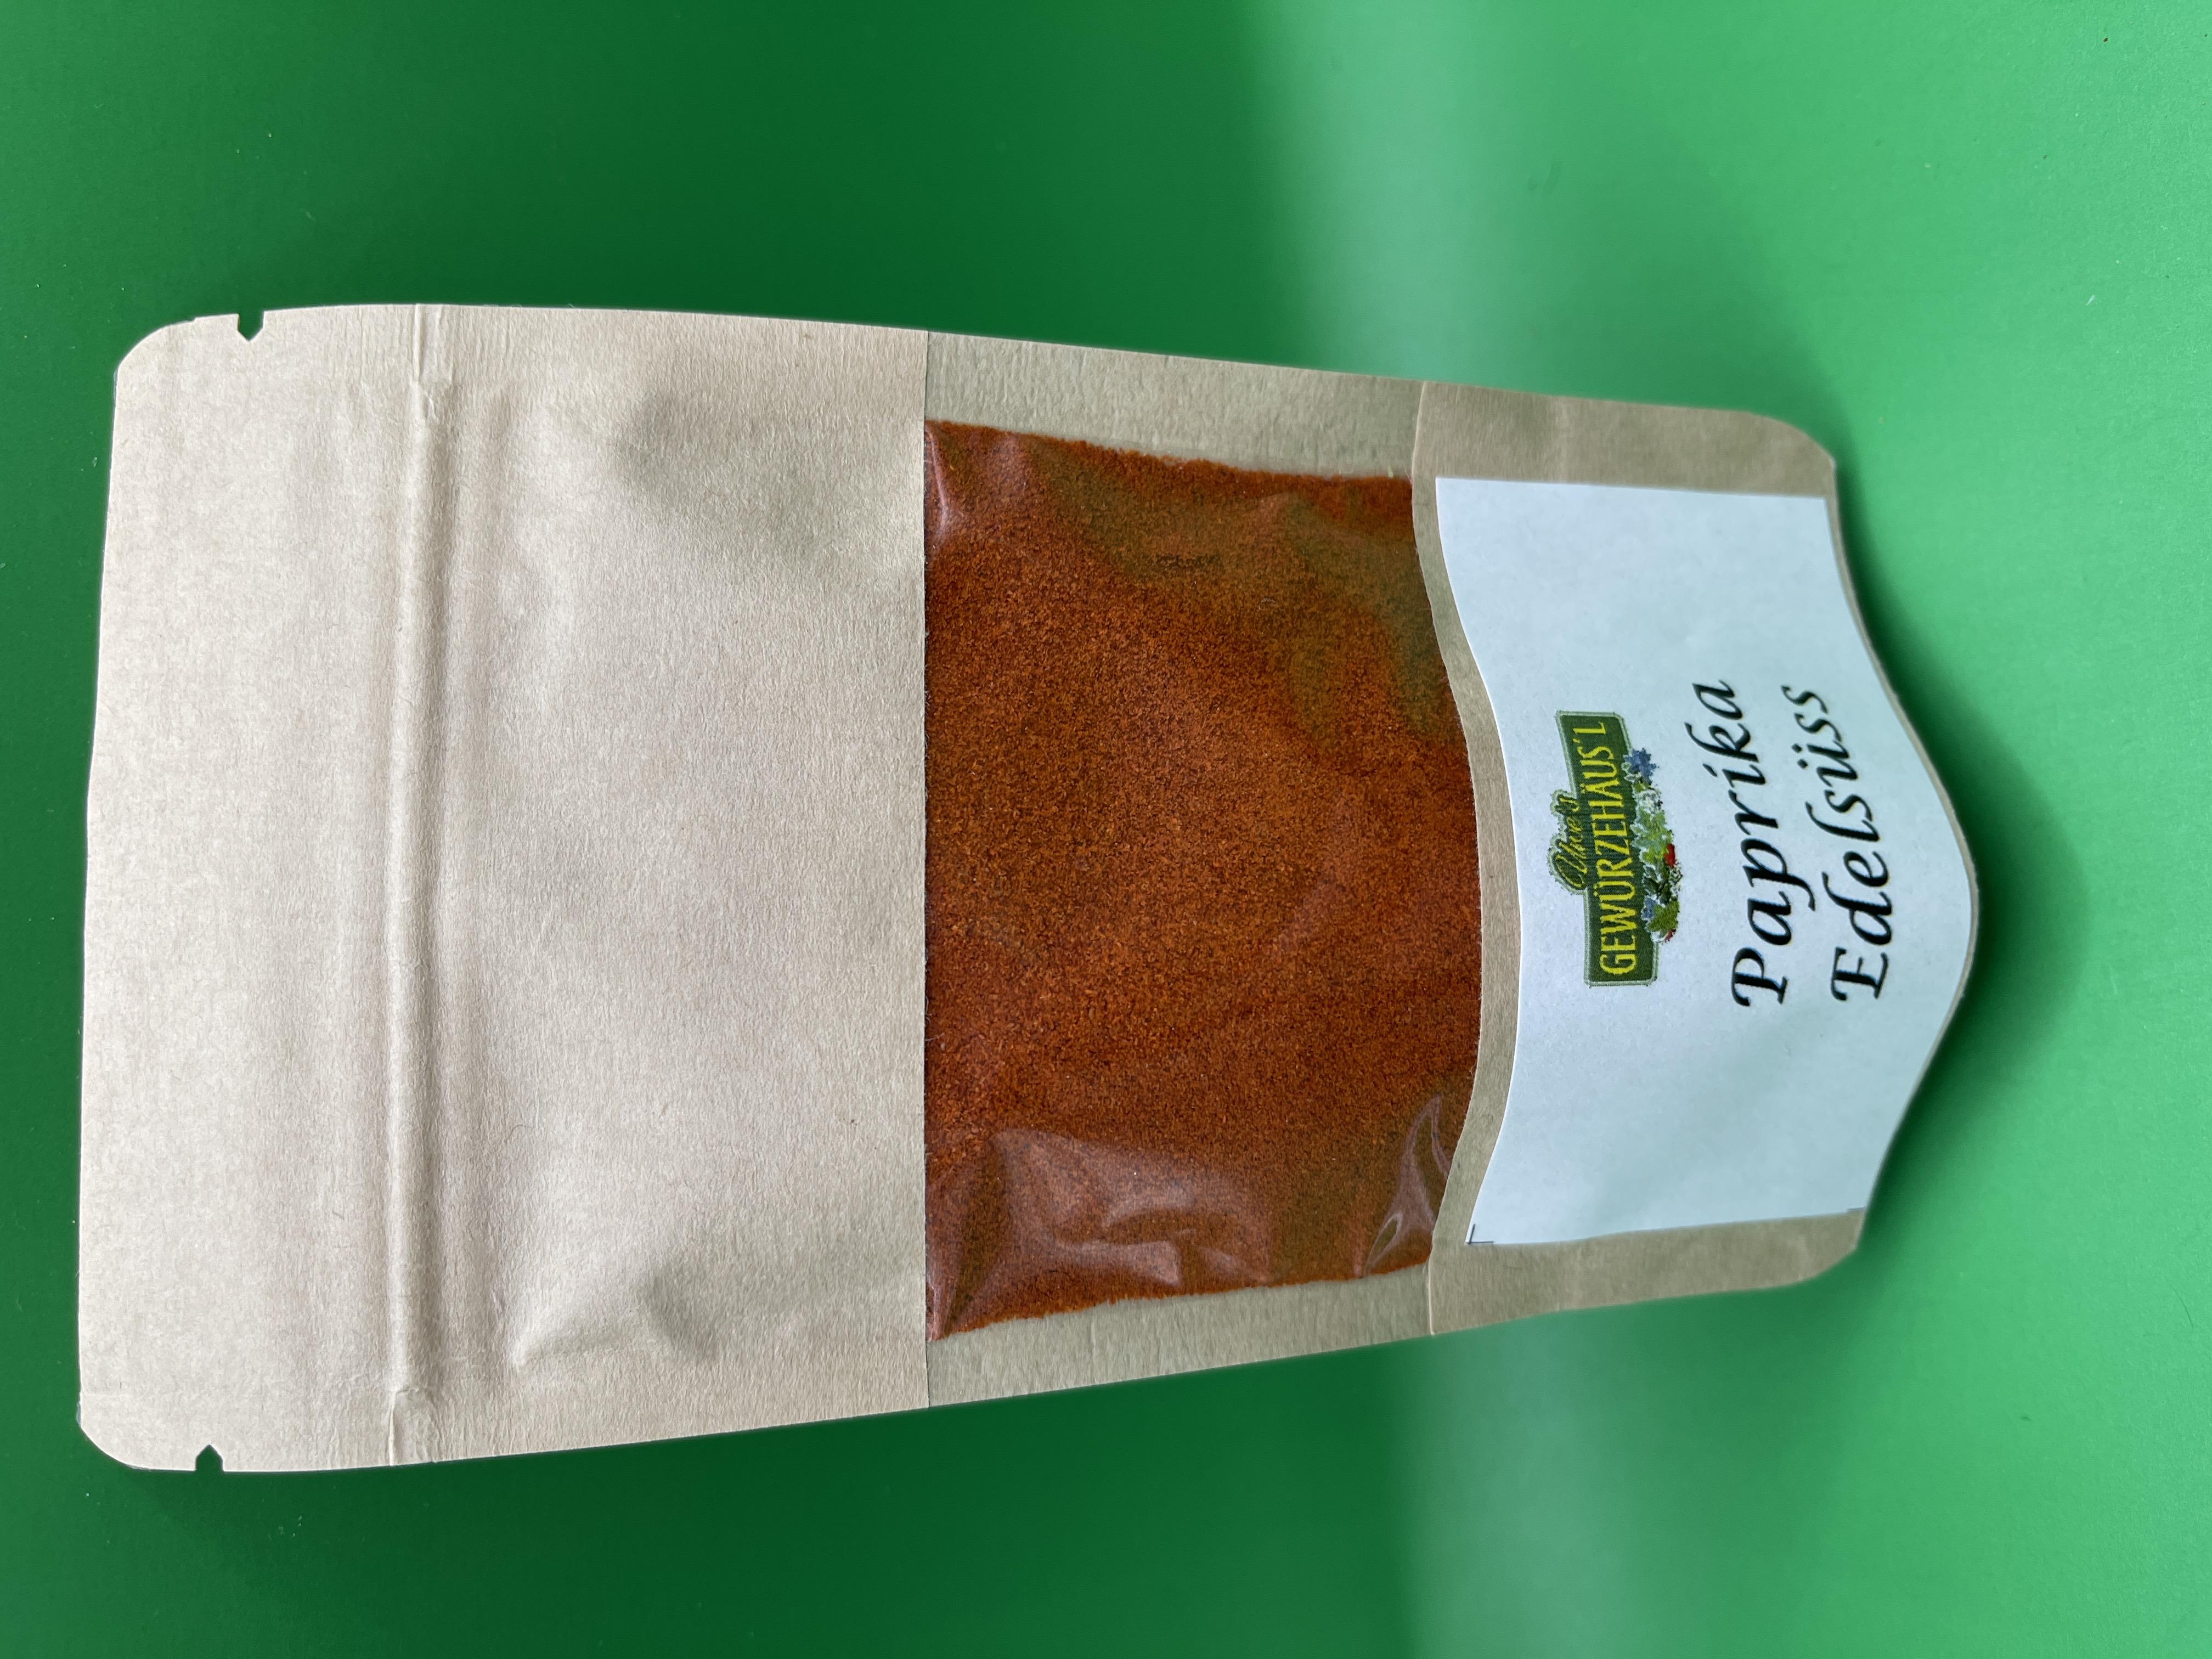 Paprika Edelsüß 40g